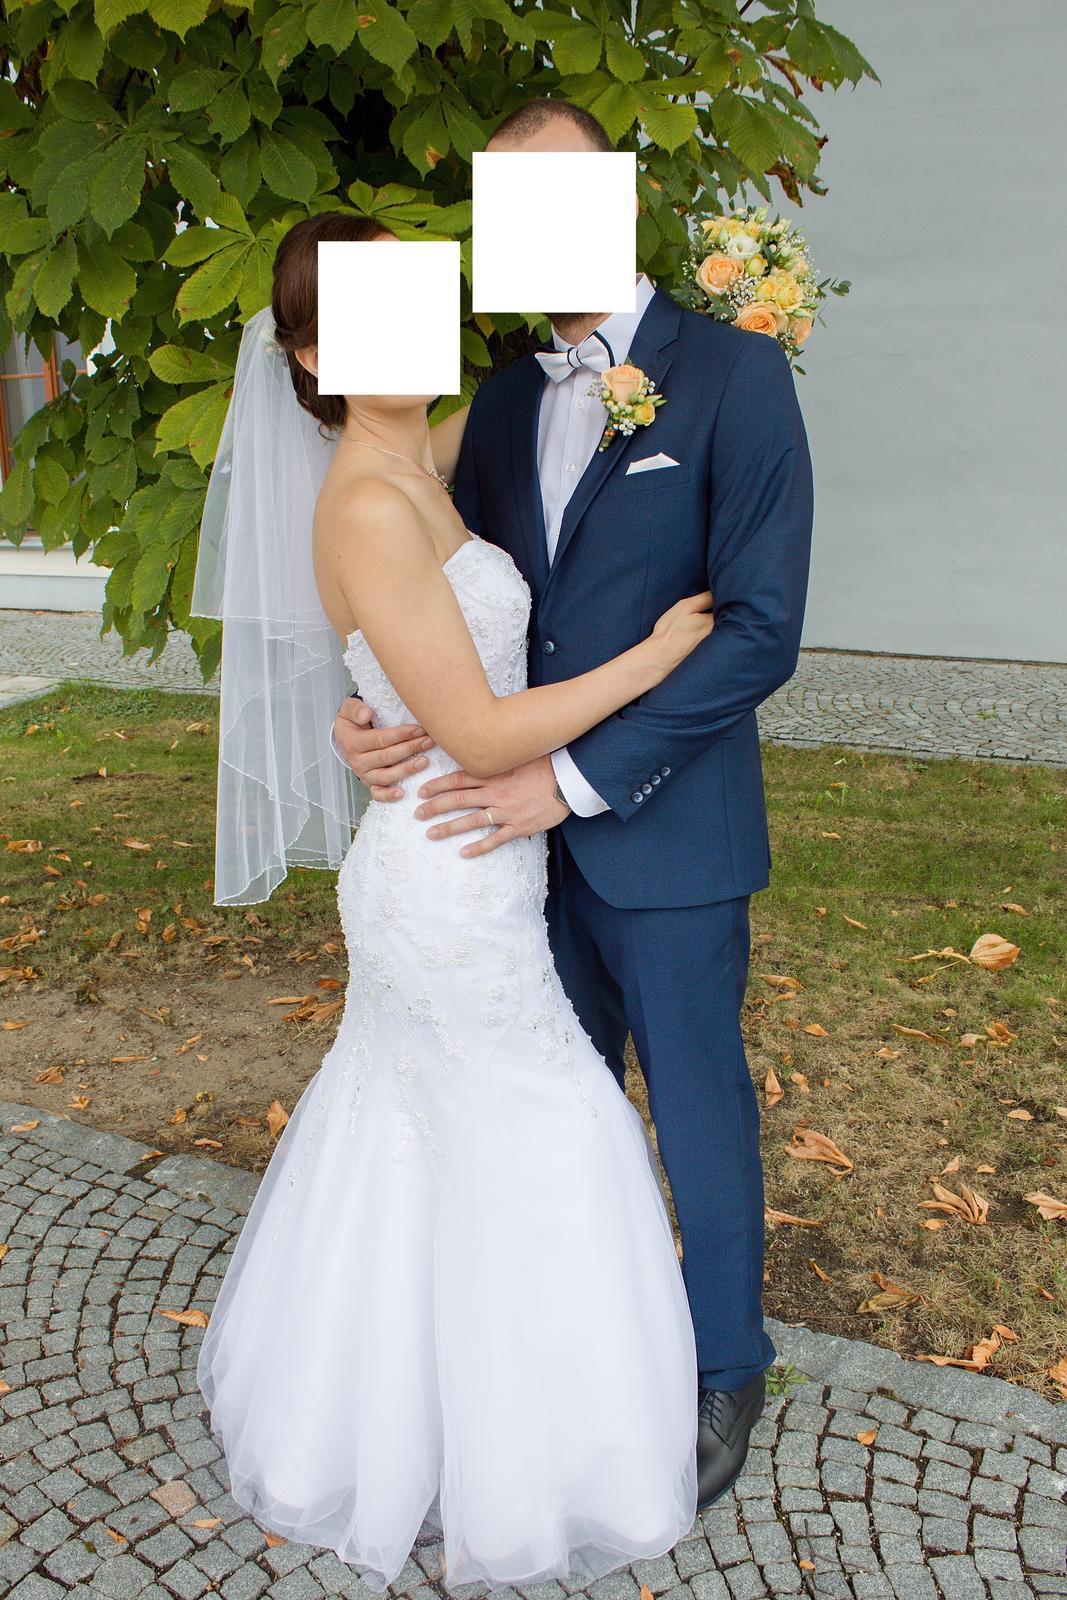 Zdobené šaty s užším střihem přes boky - Obrázek č. 1